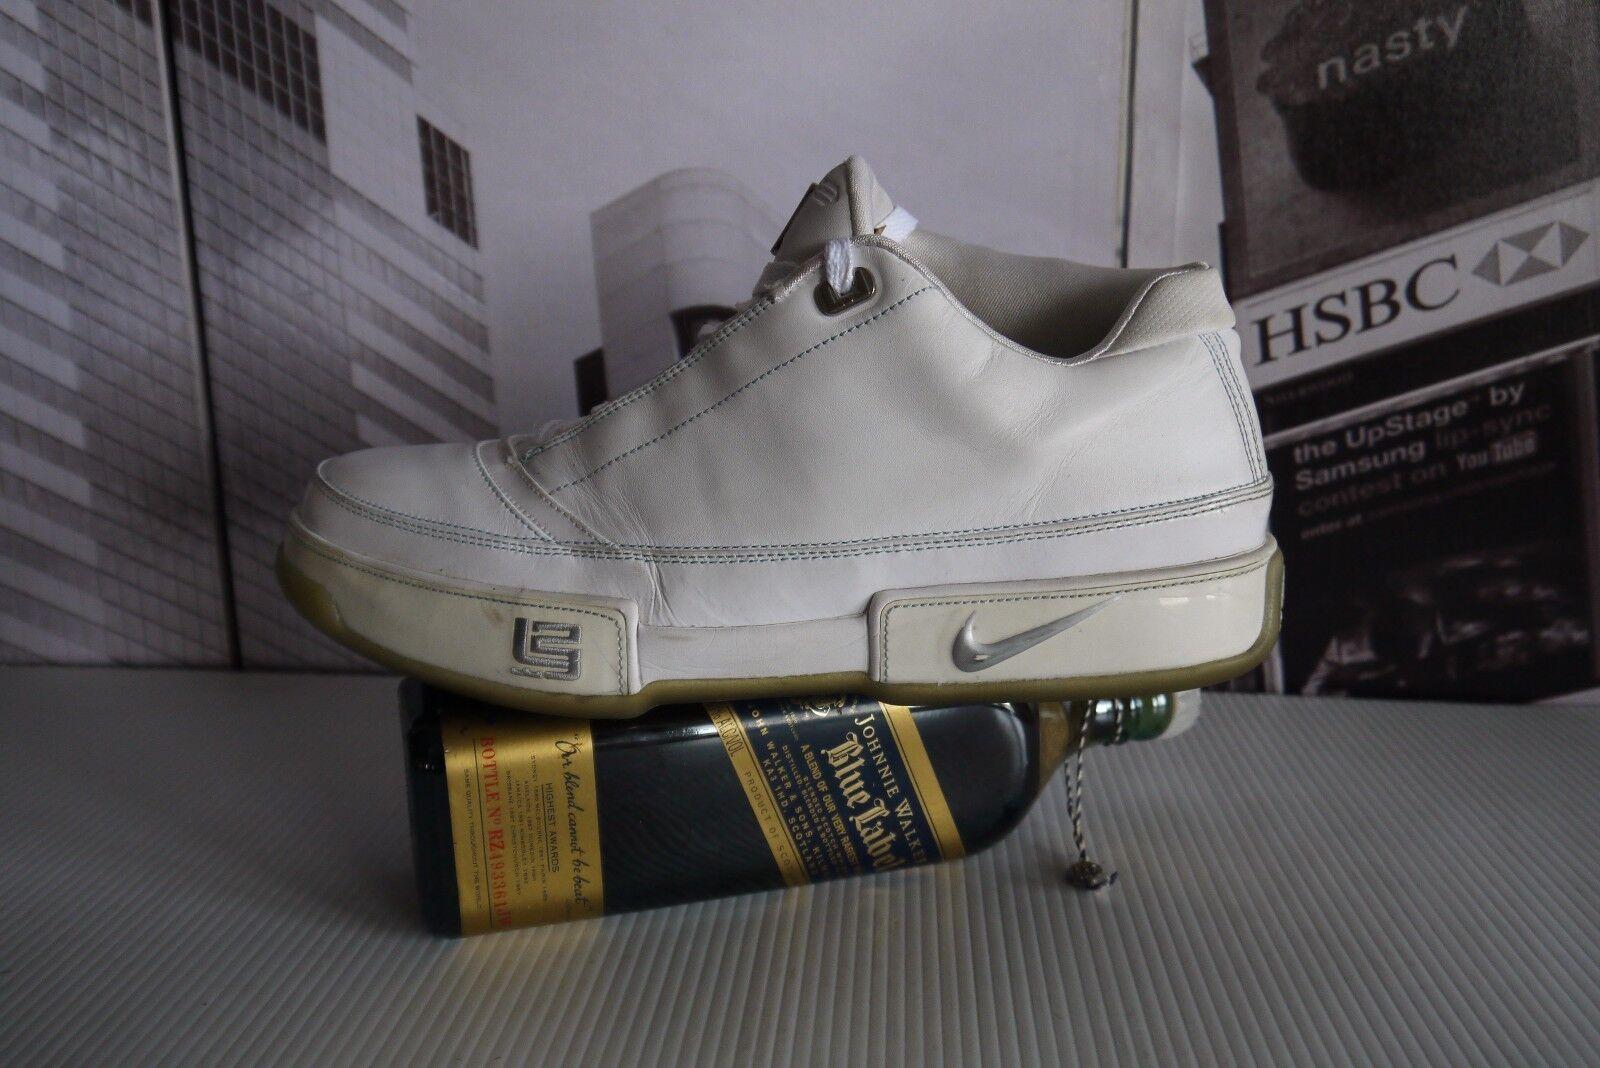 2018 Nike Para hombres Zapatos  tenis Zoom LeBron bajo 11.5 St Cuero Blanco Us 11.5 bajo 1d7ba5